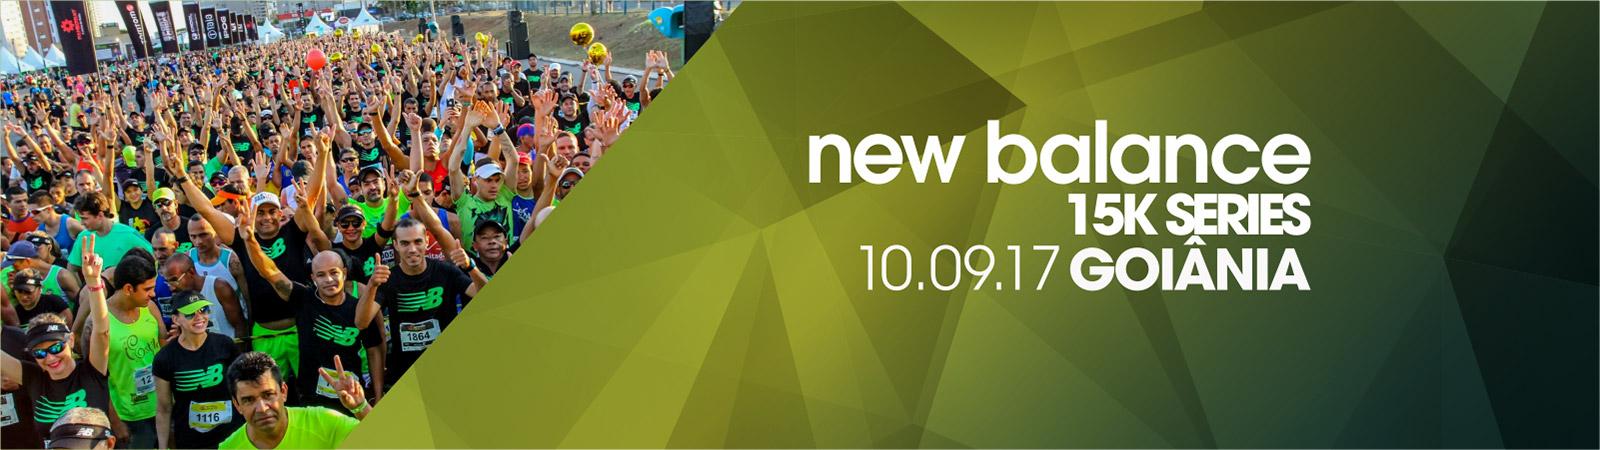 NEW BALANCE 15K SERIES - ETAPA GOIÂNIA - Imagem de topo